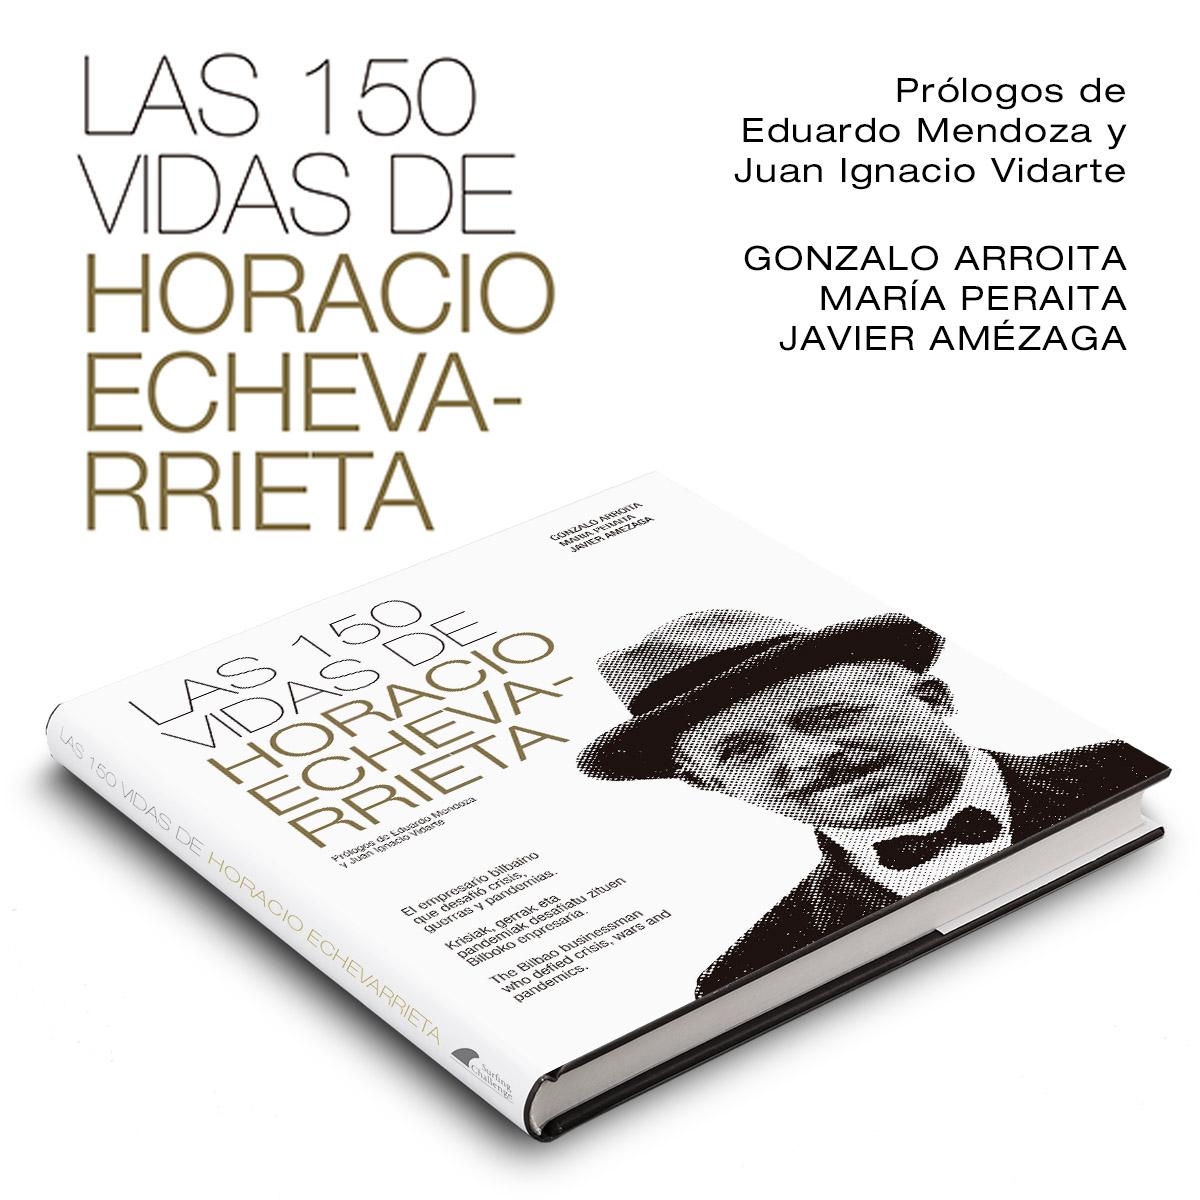 Libro Las 150 vidas de Horacio Echevarrieta